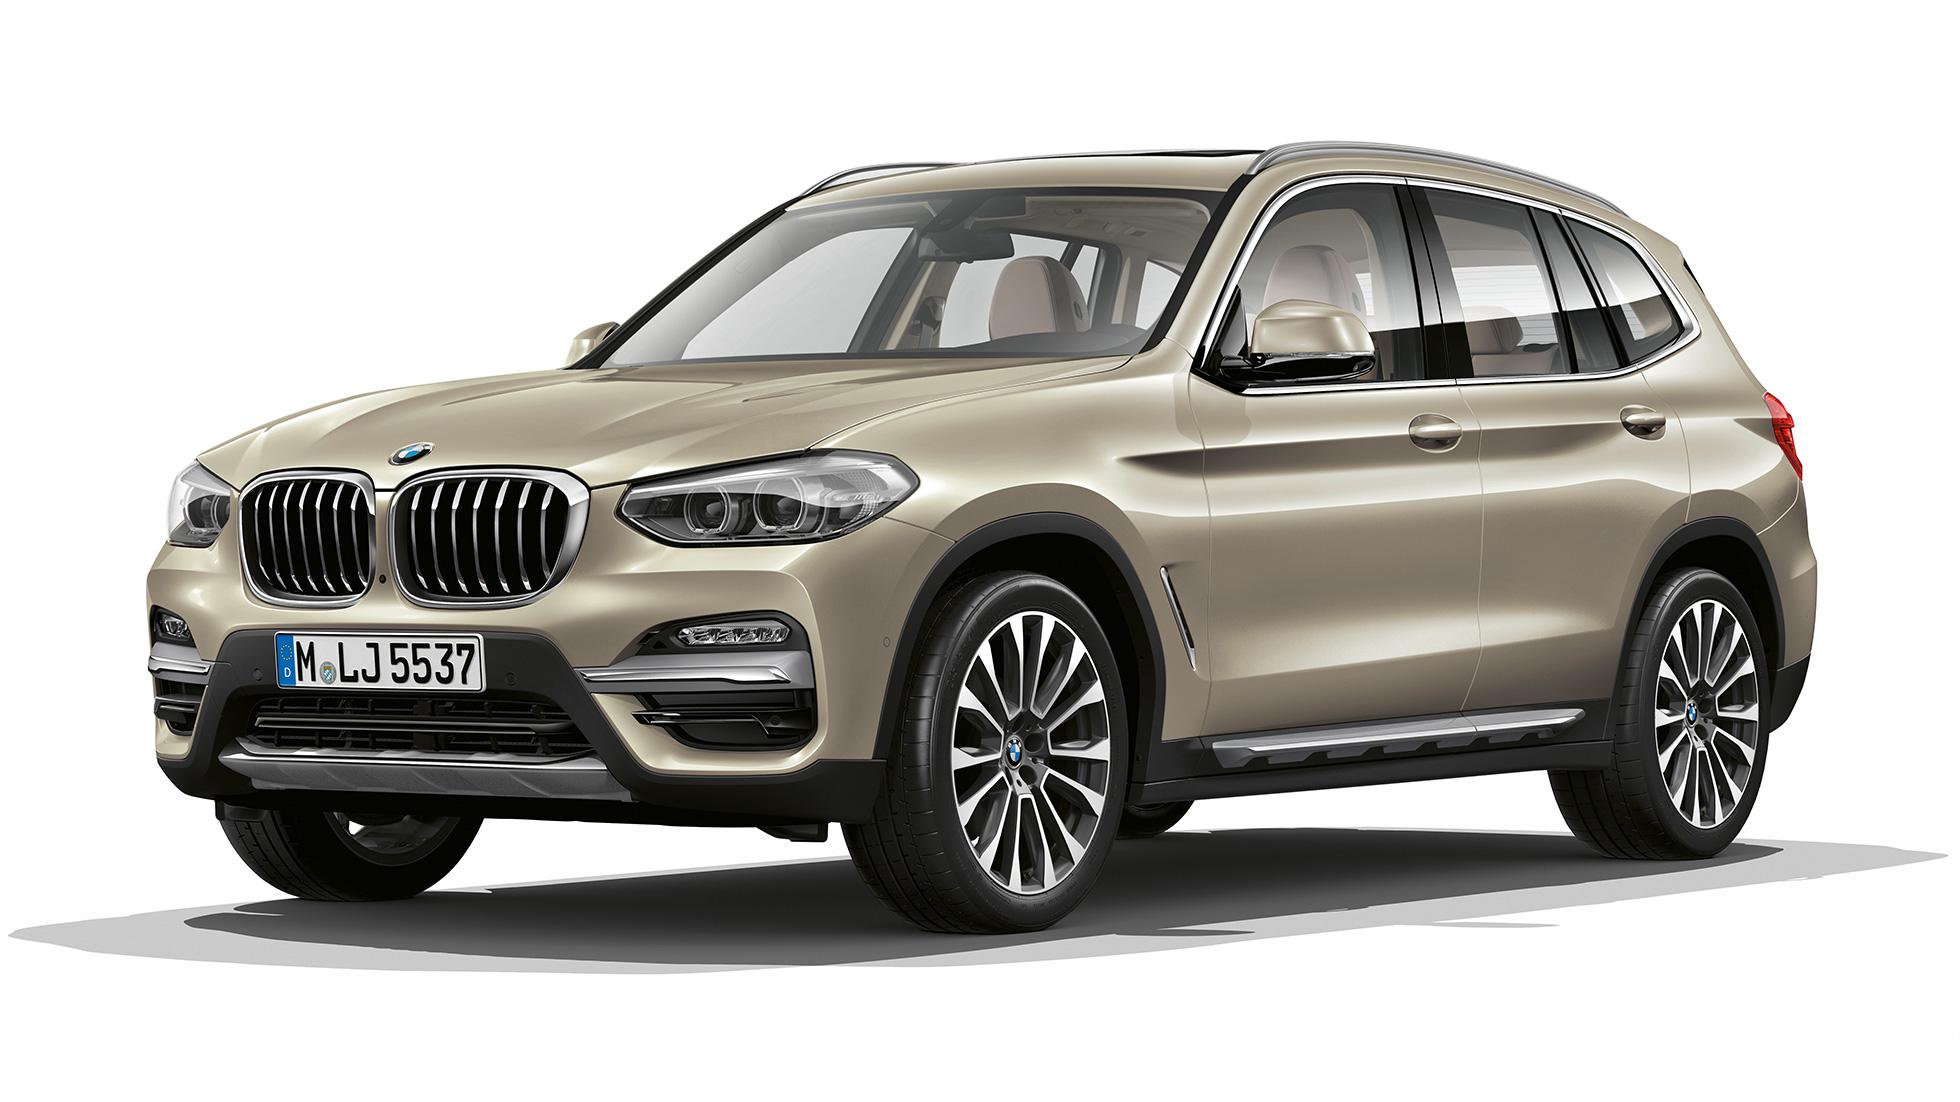 bmw x3 m40i modell luxury line dreiviertel frontschuss